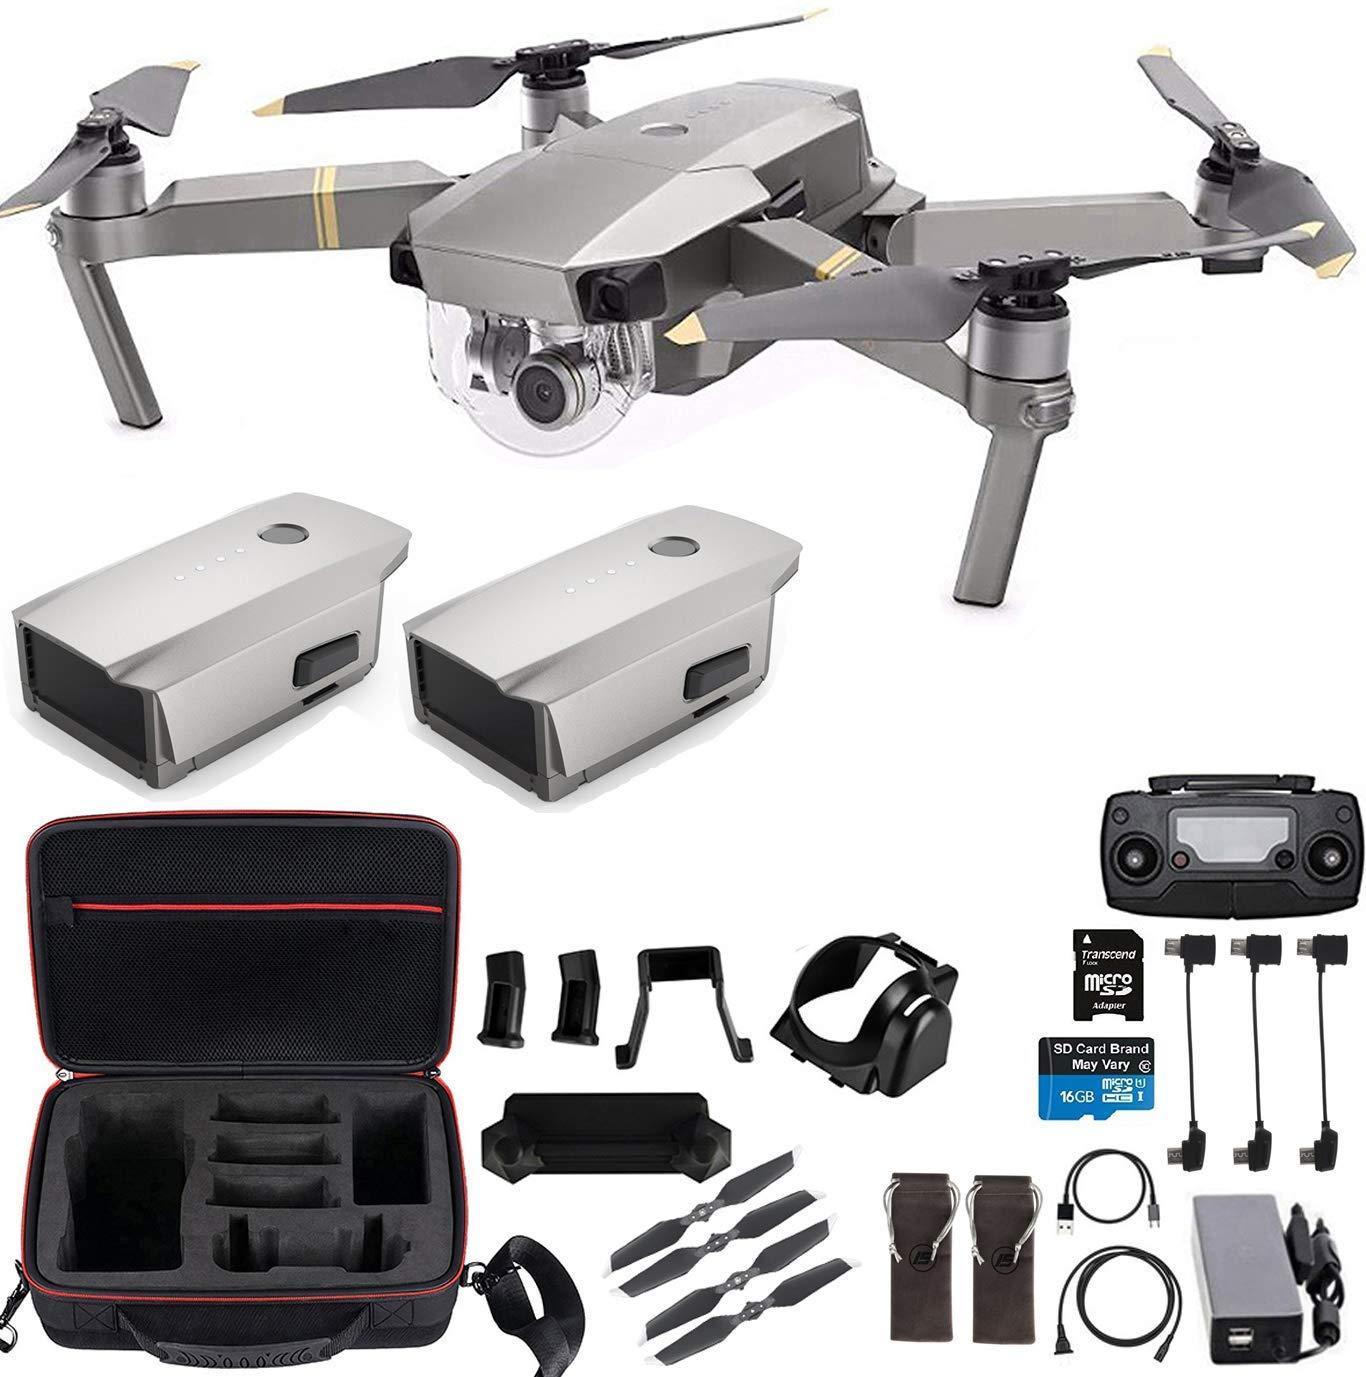 DJI Mavic Pro Platinum Flagship 4K Quadcopter 7 km Range Drone